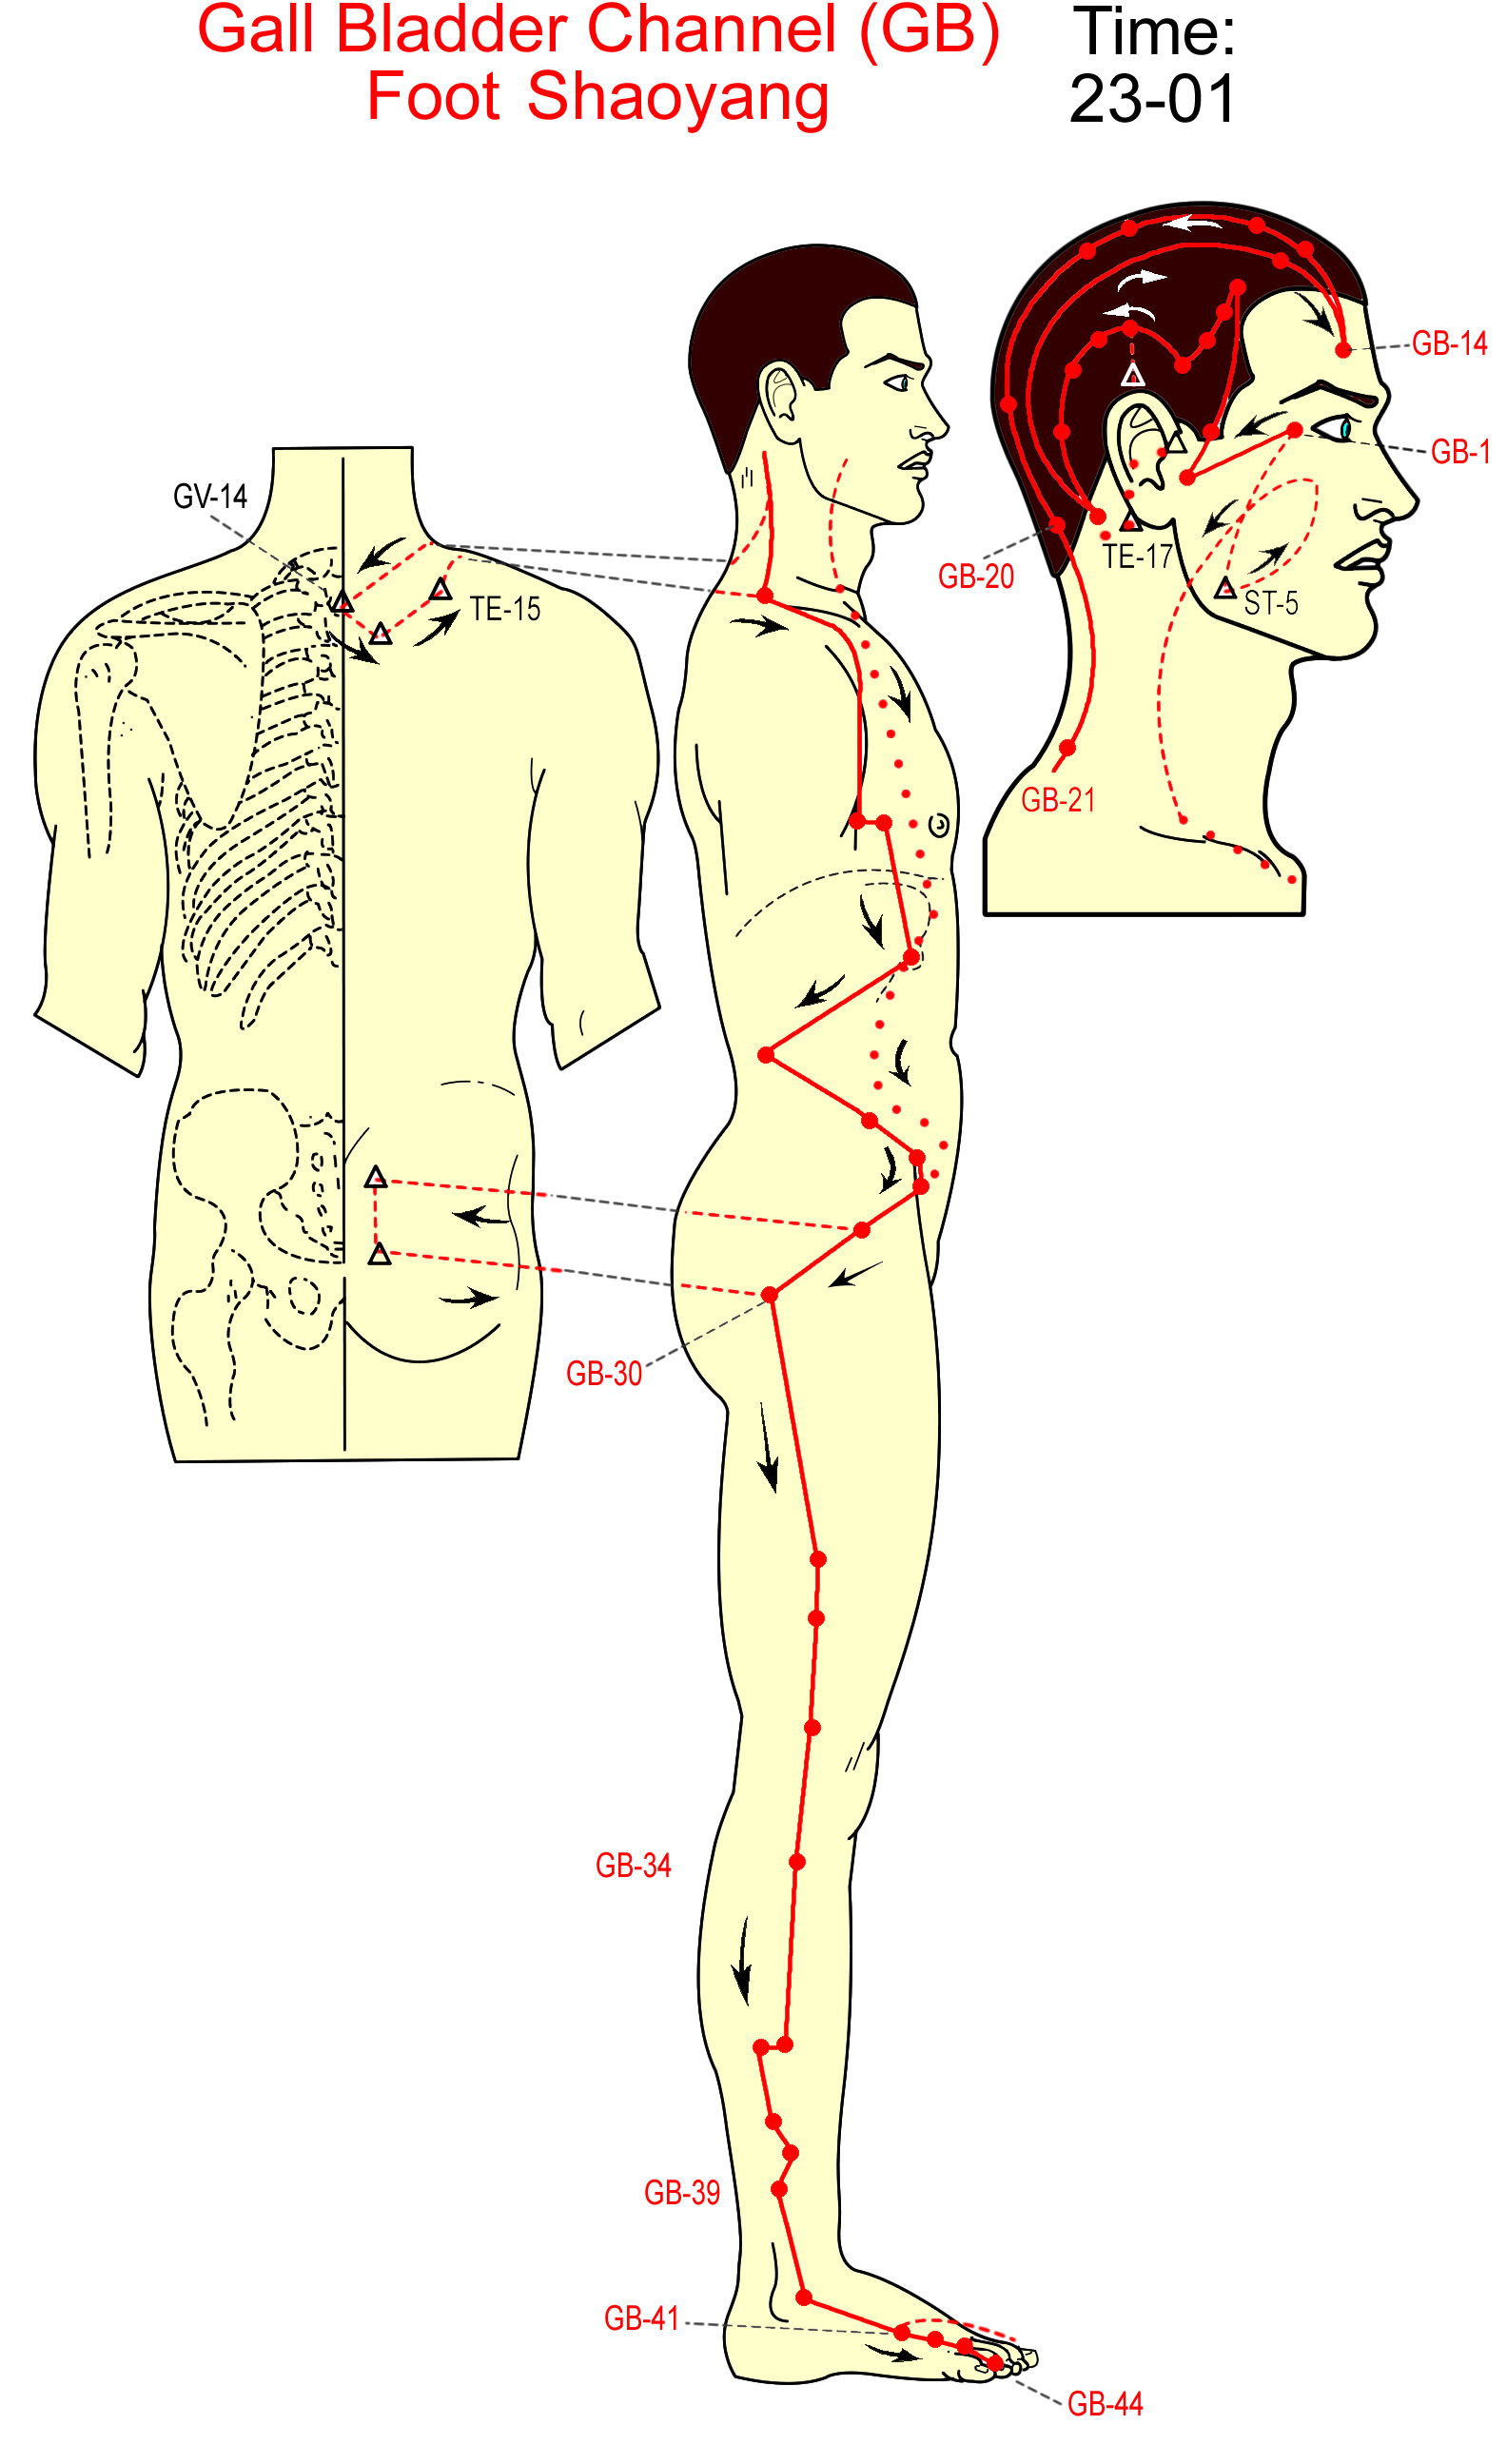 meridian kandung empedu - gall bladder